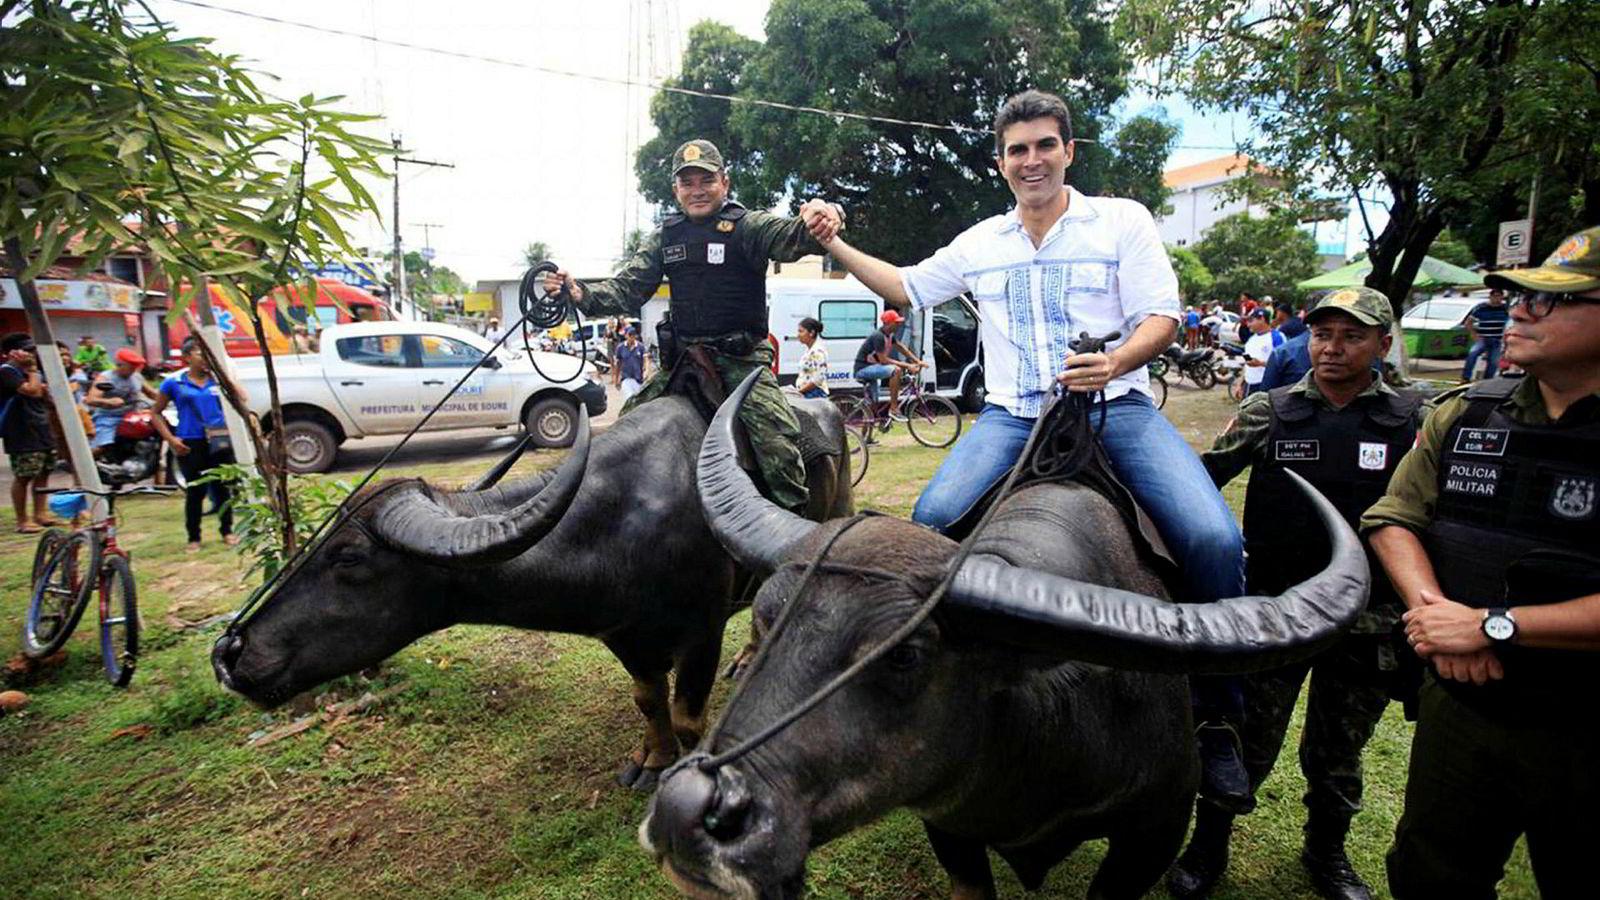 Helder Barbalho (i midten) ble guvernør i delstaten Pará i Brasil 1. januar i år. På en av sine mange reiser i delstaten de siste ukene, uttalte han seg for første gang som guvernør offentlig om Hydro. Her fra øya Marajó søndag, sammen med brasiliansk militærpoliti.